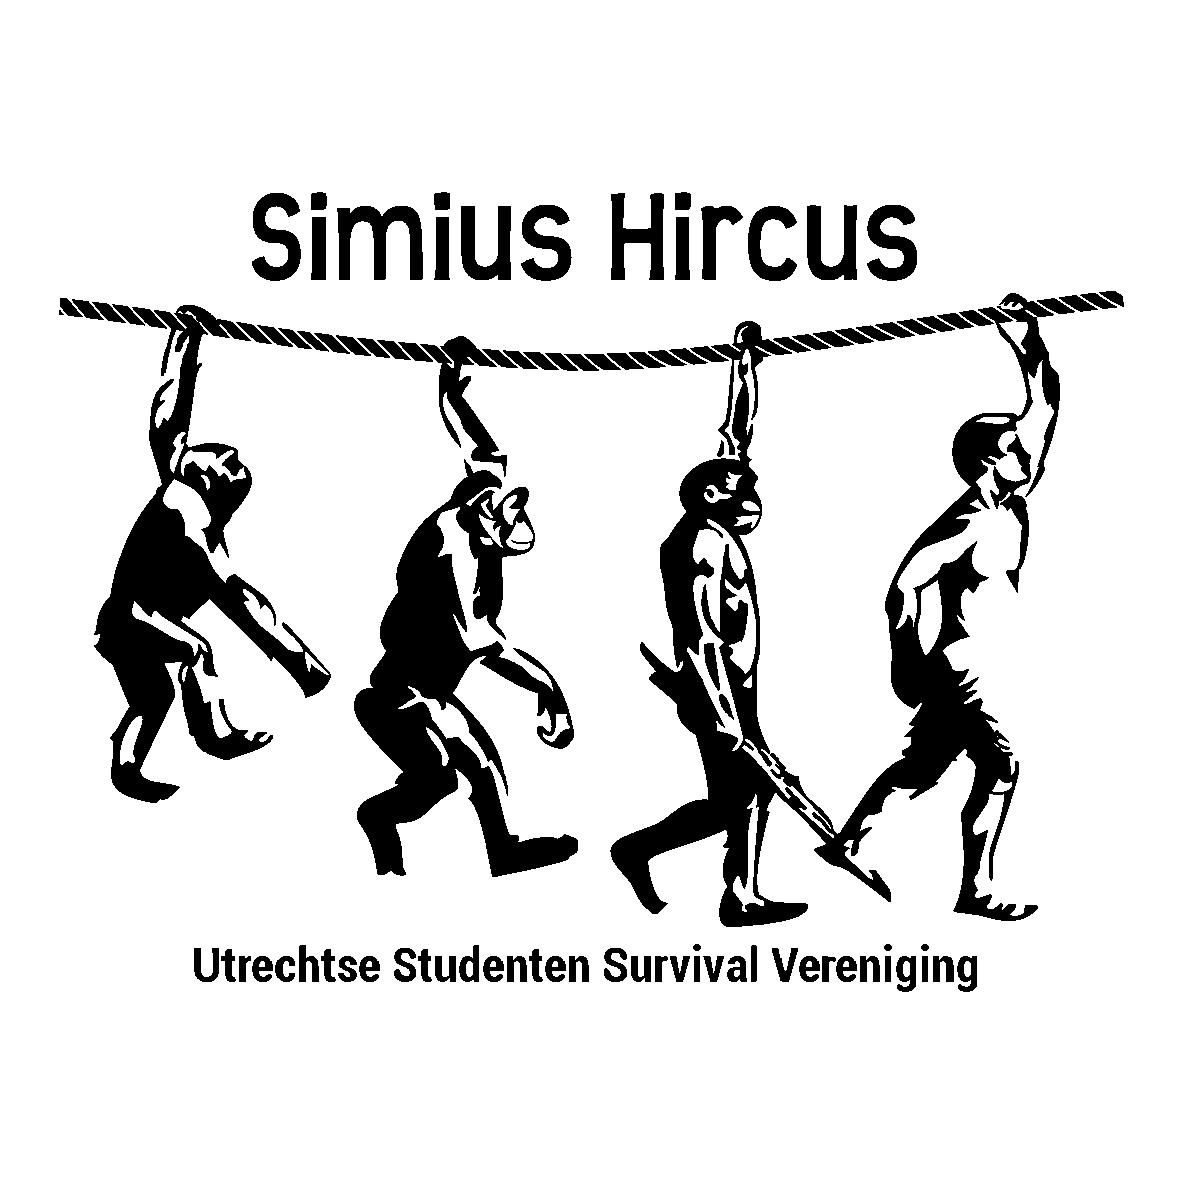 U.S.S.V. Simius Hircus